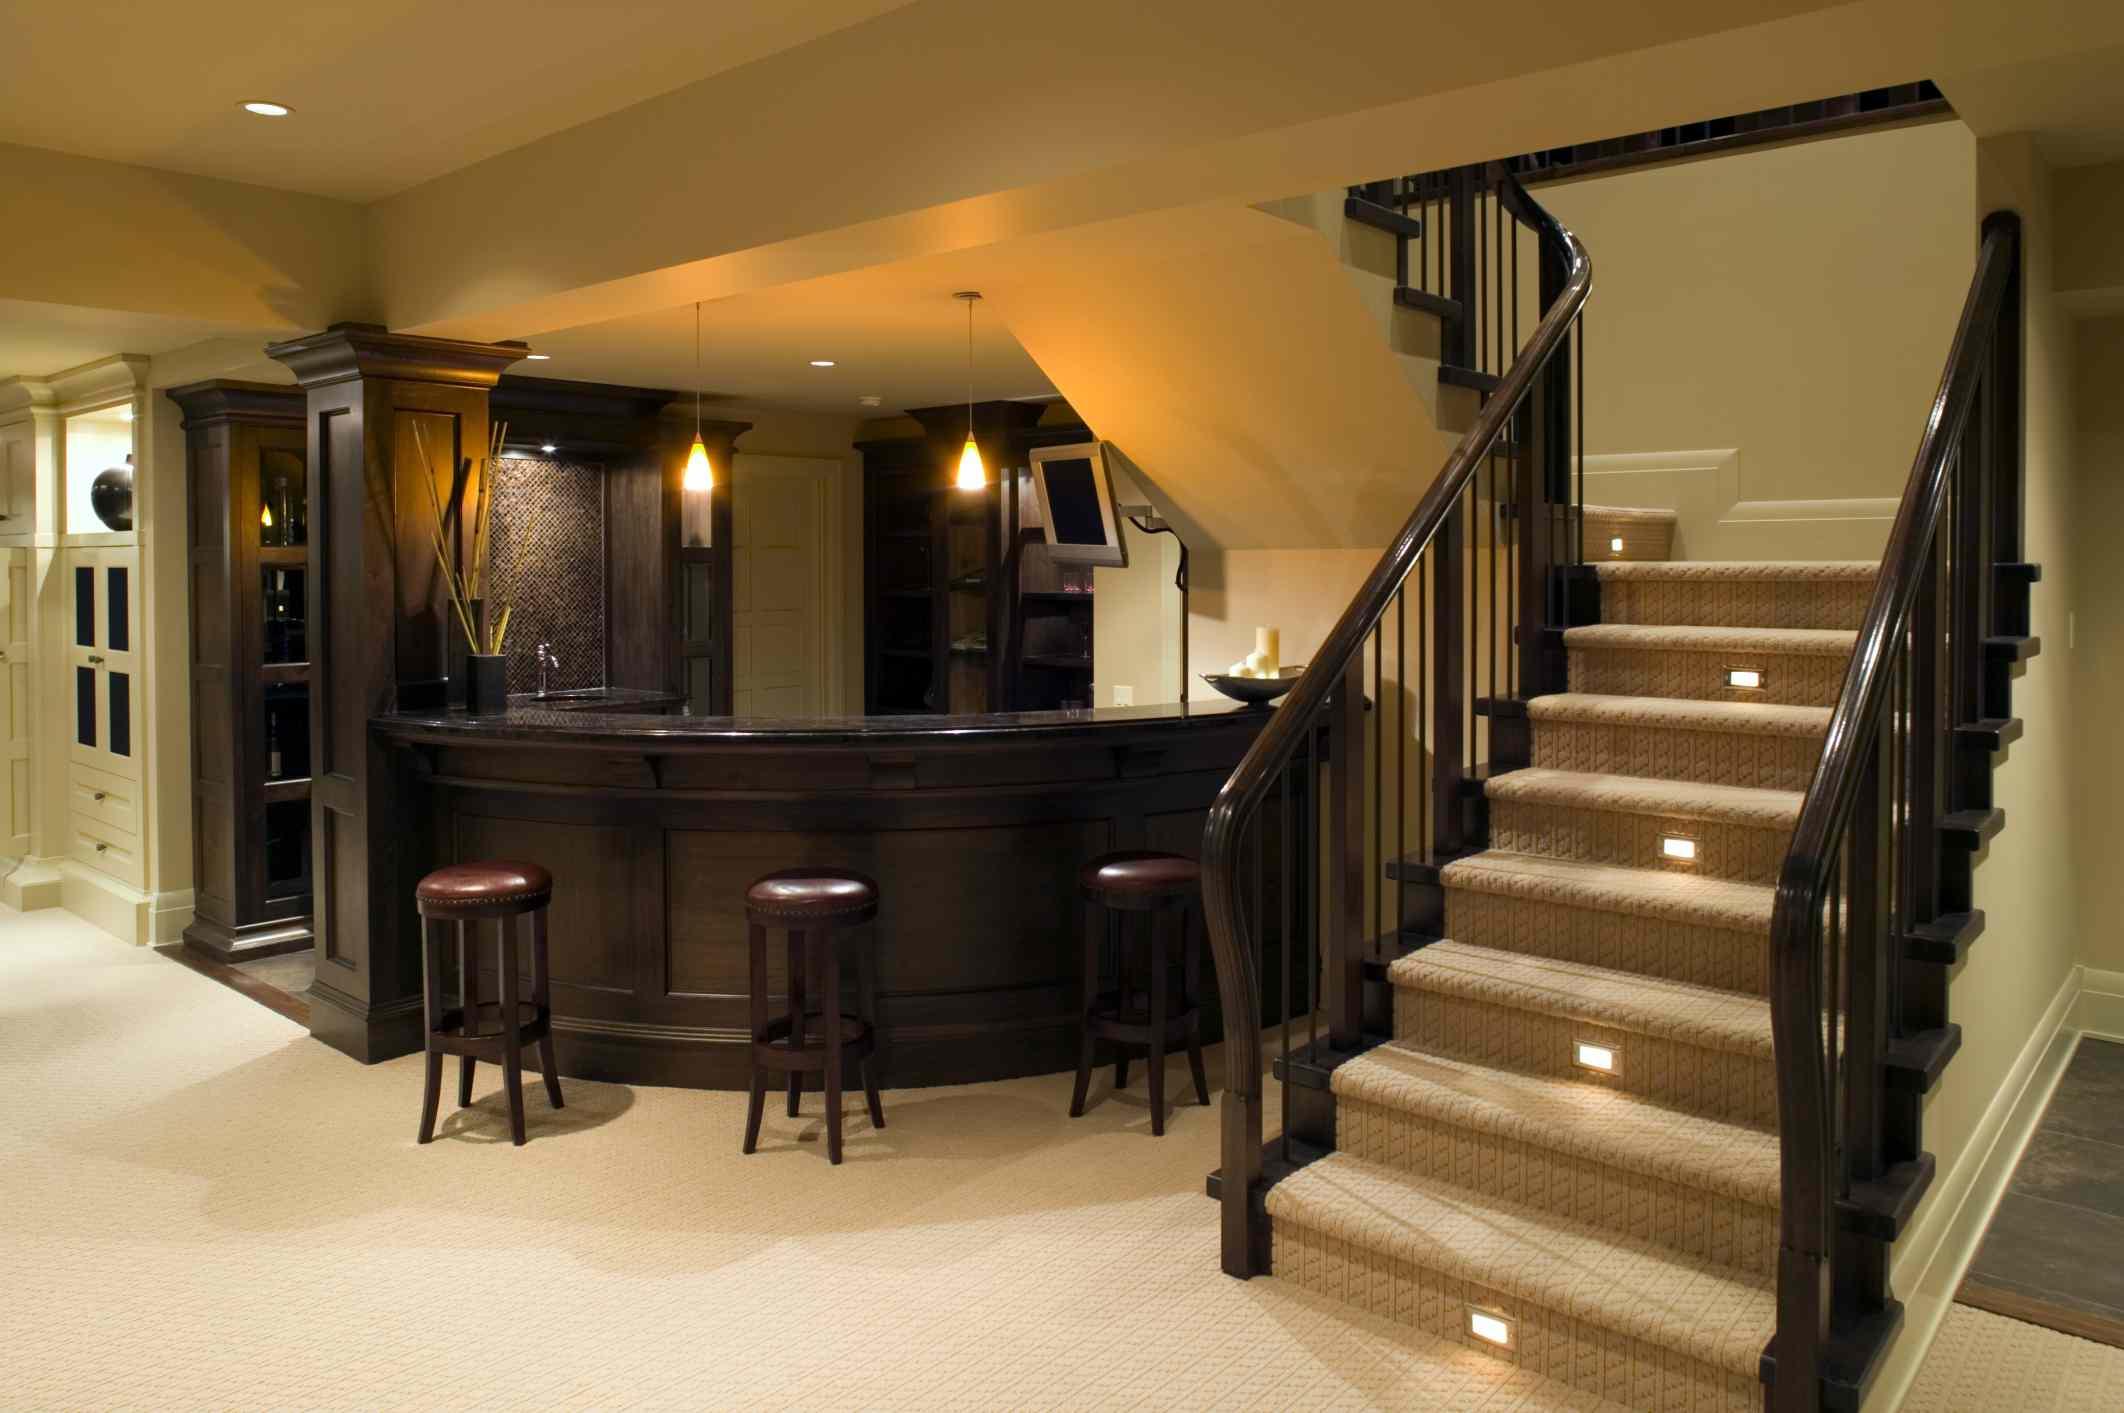 Home Bar in Basement